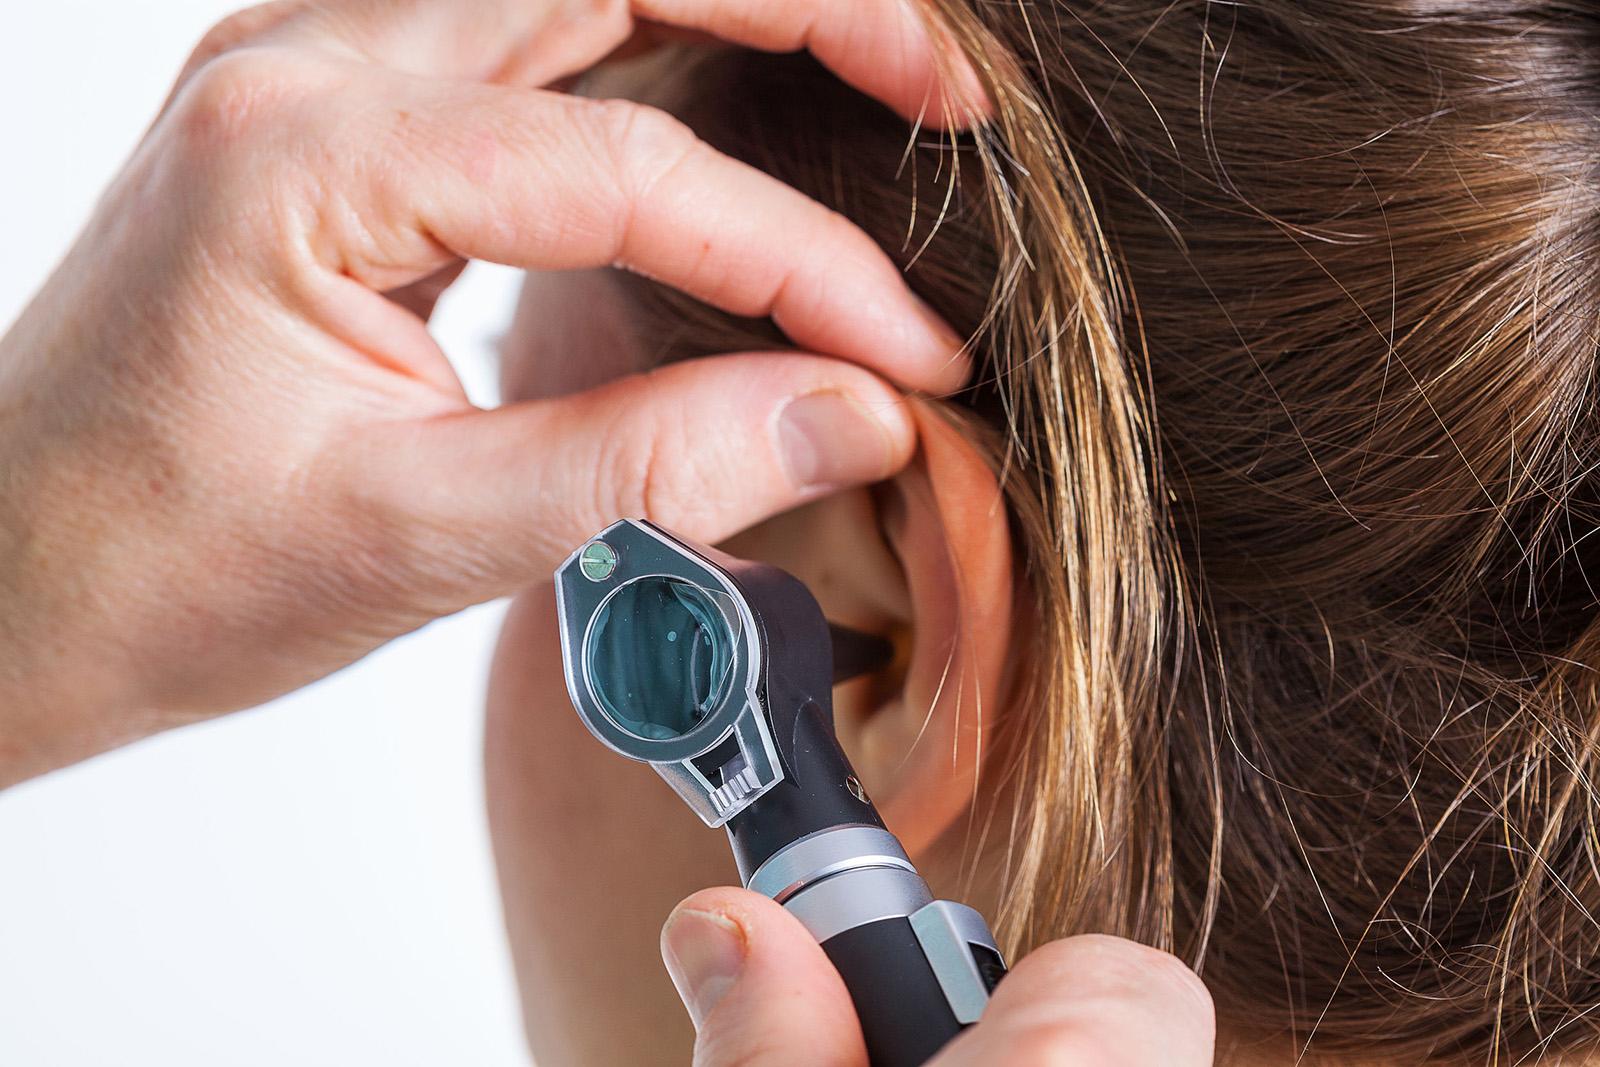 hogyan lehet megszabadulni a fül mögötti pikkelysömörtől)